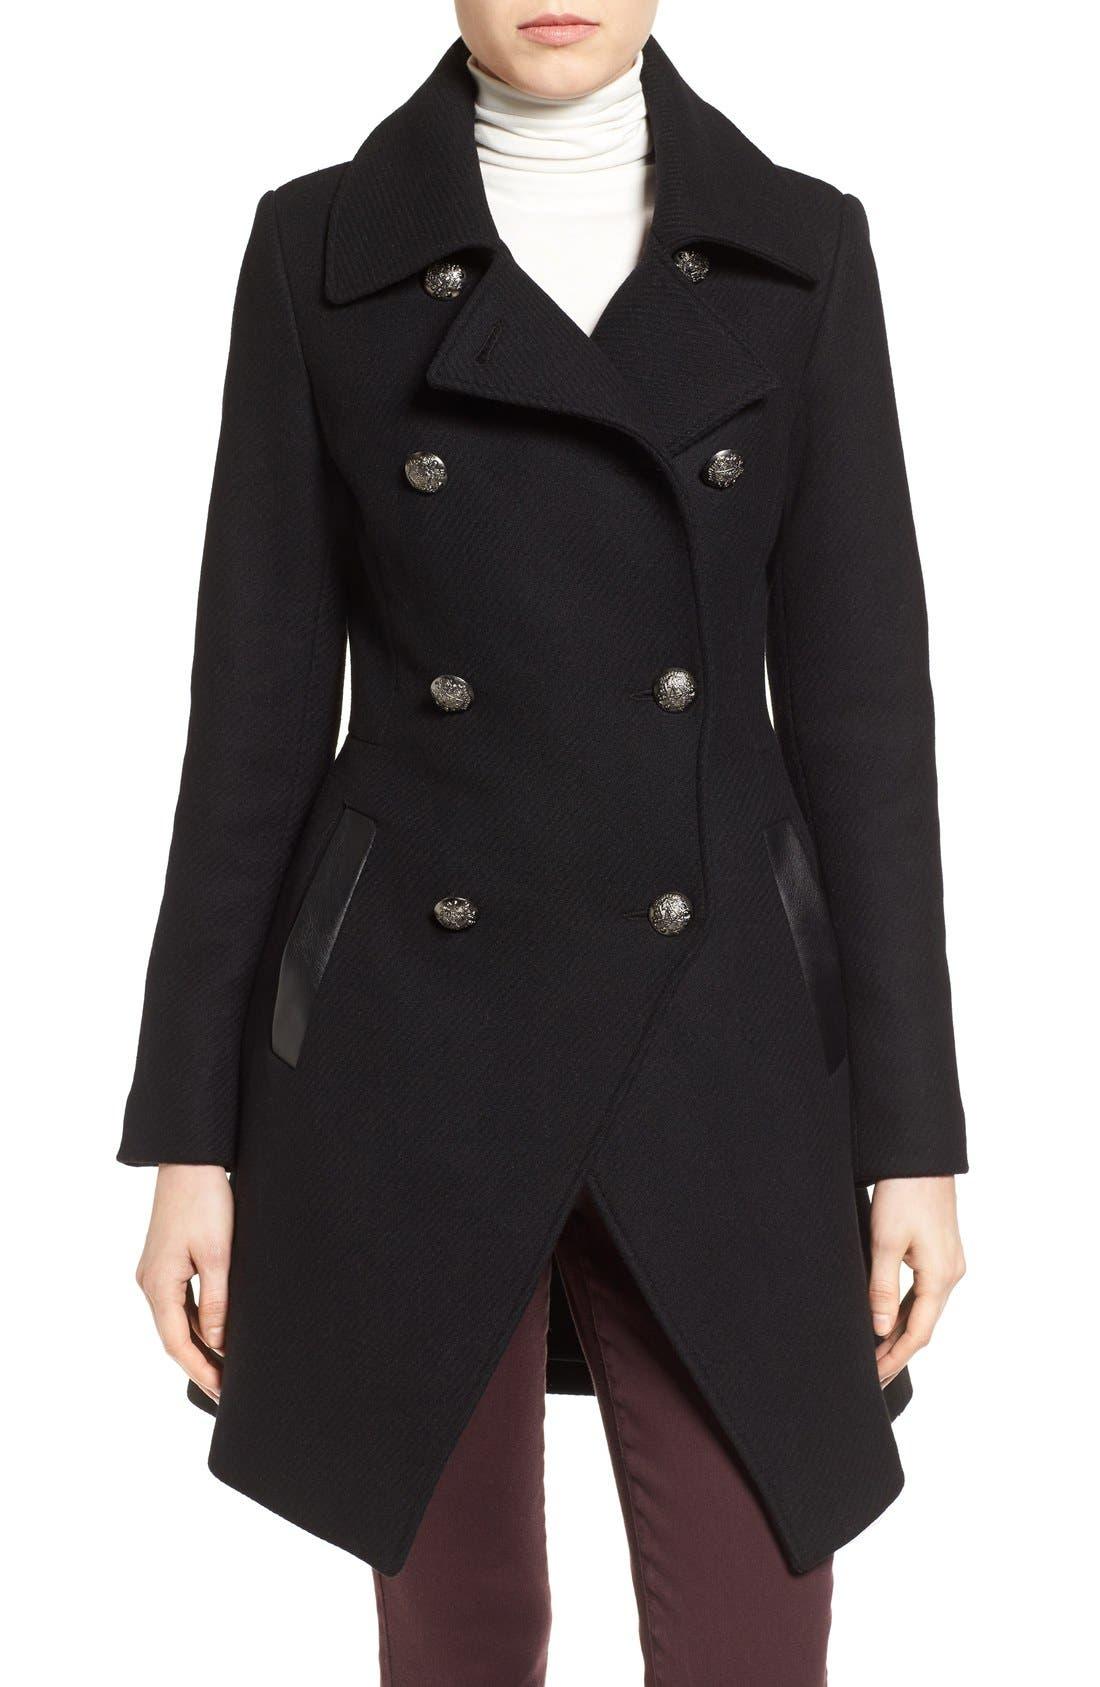 Alternate Image 1 Selected - Trina Turk Wool Blend Military Coat (Regular & Petite)